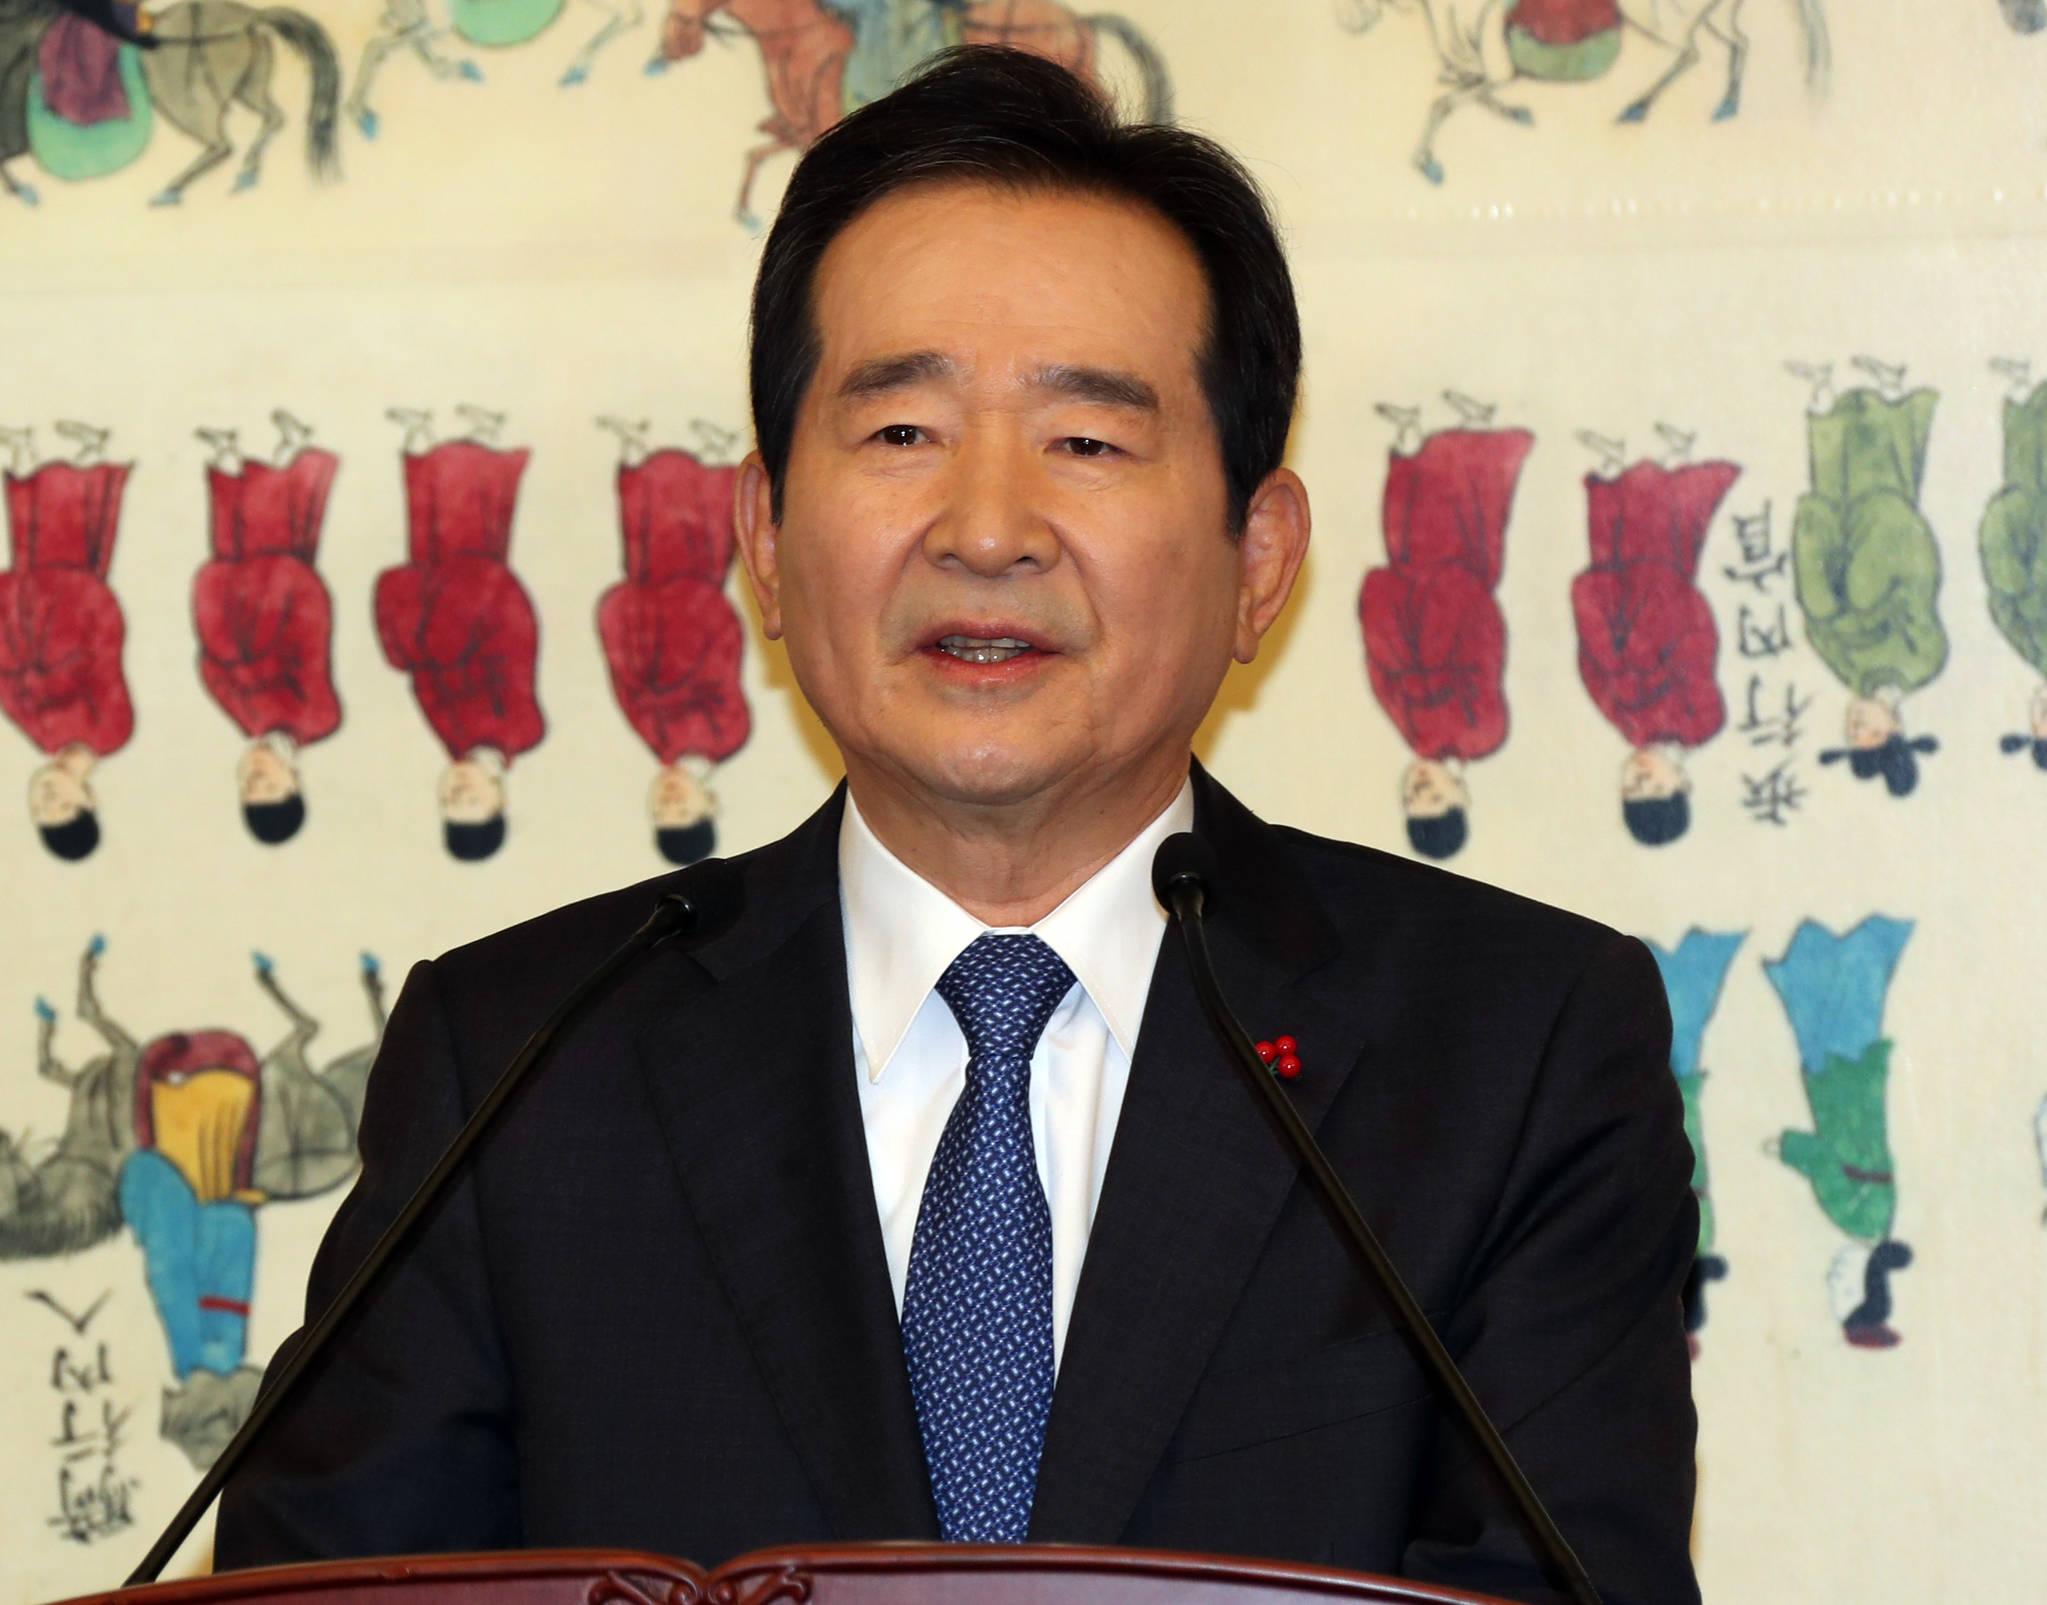 정세균 국회의장이 지난 15일 국회접견실에서 신년기자회견을 했다. 강정현 기자